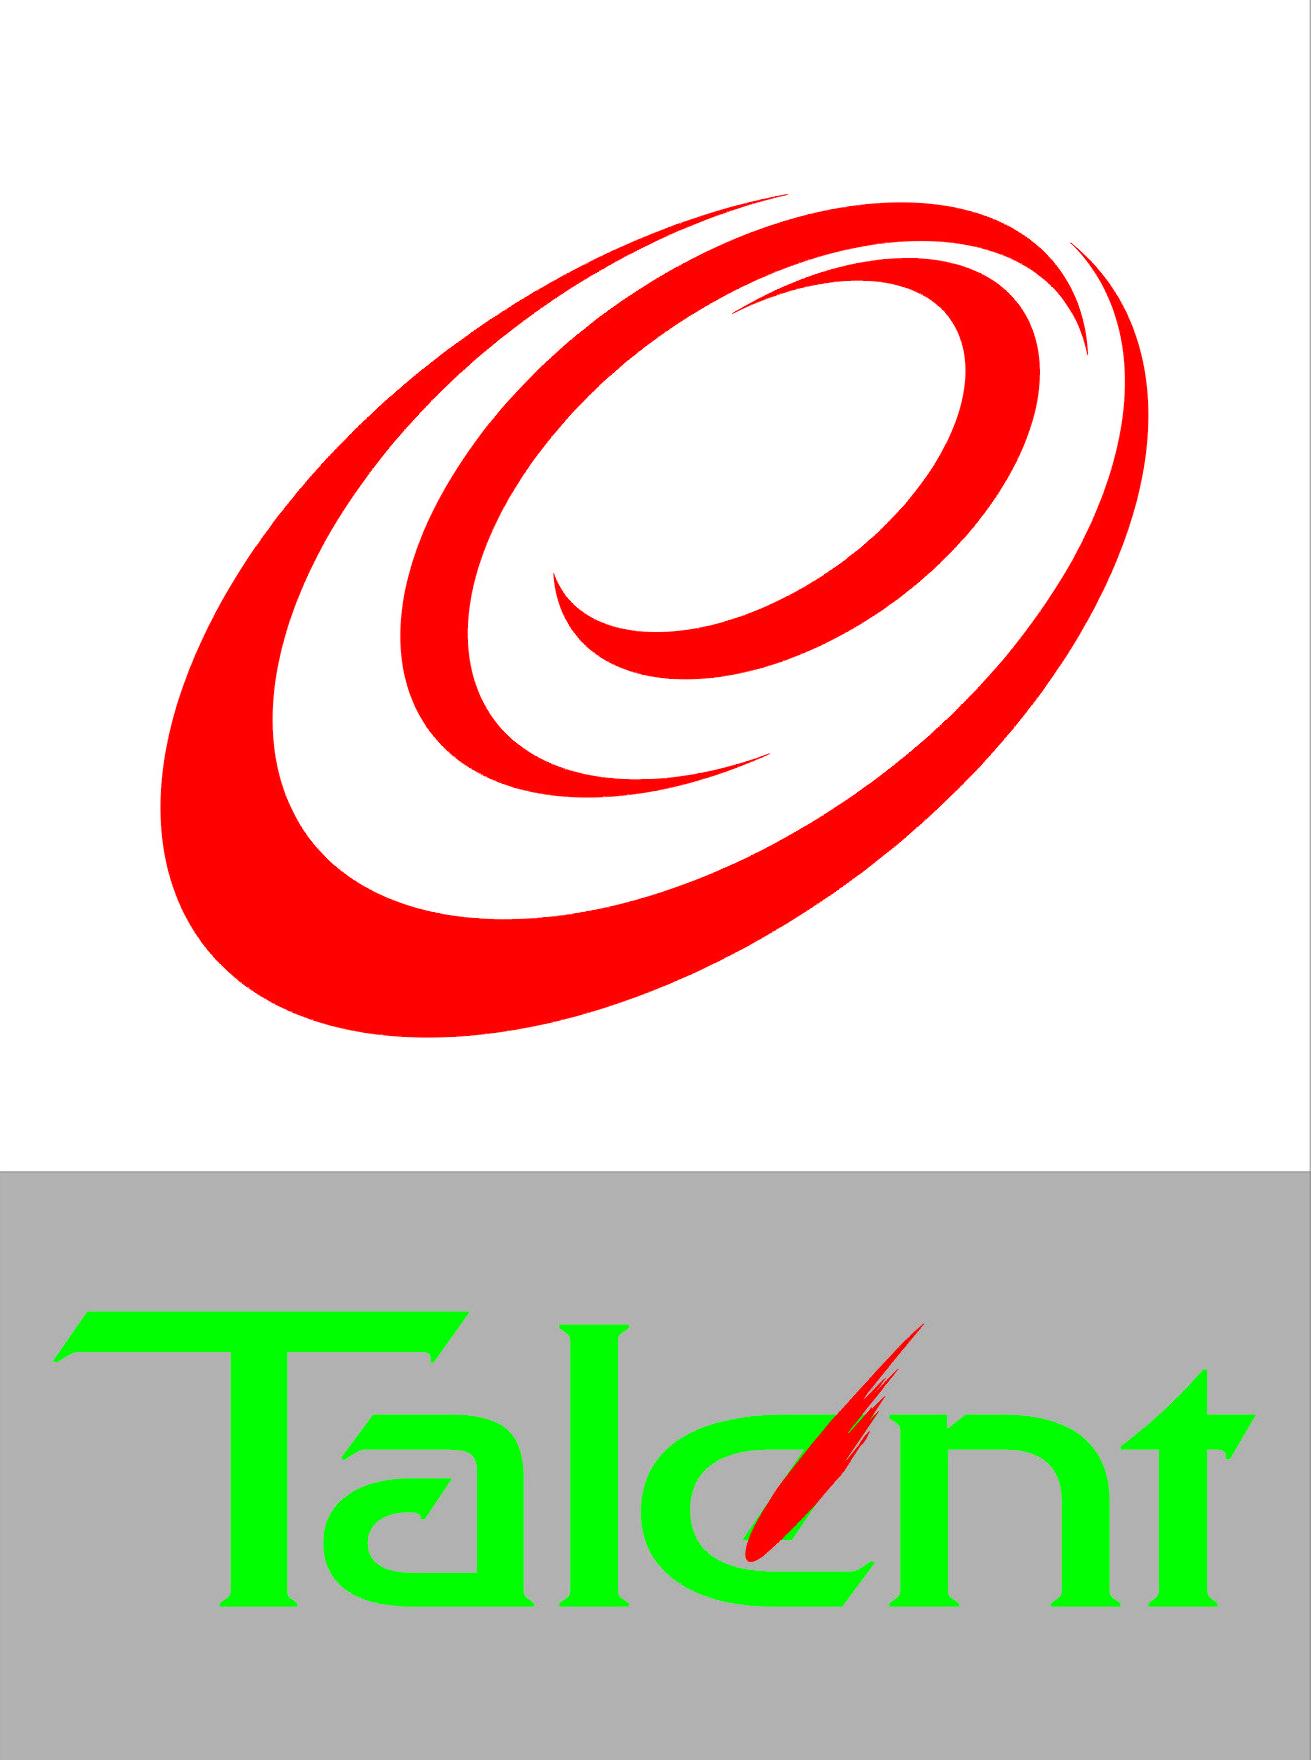 苏州工业园区太伦工业设计有限公司联合塑业制造分公司